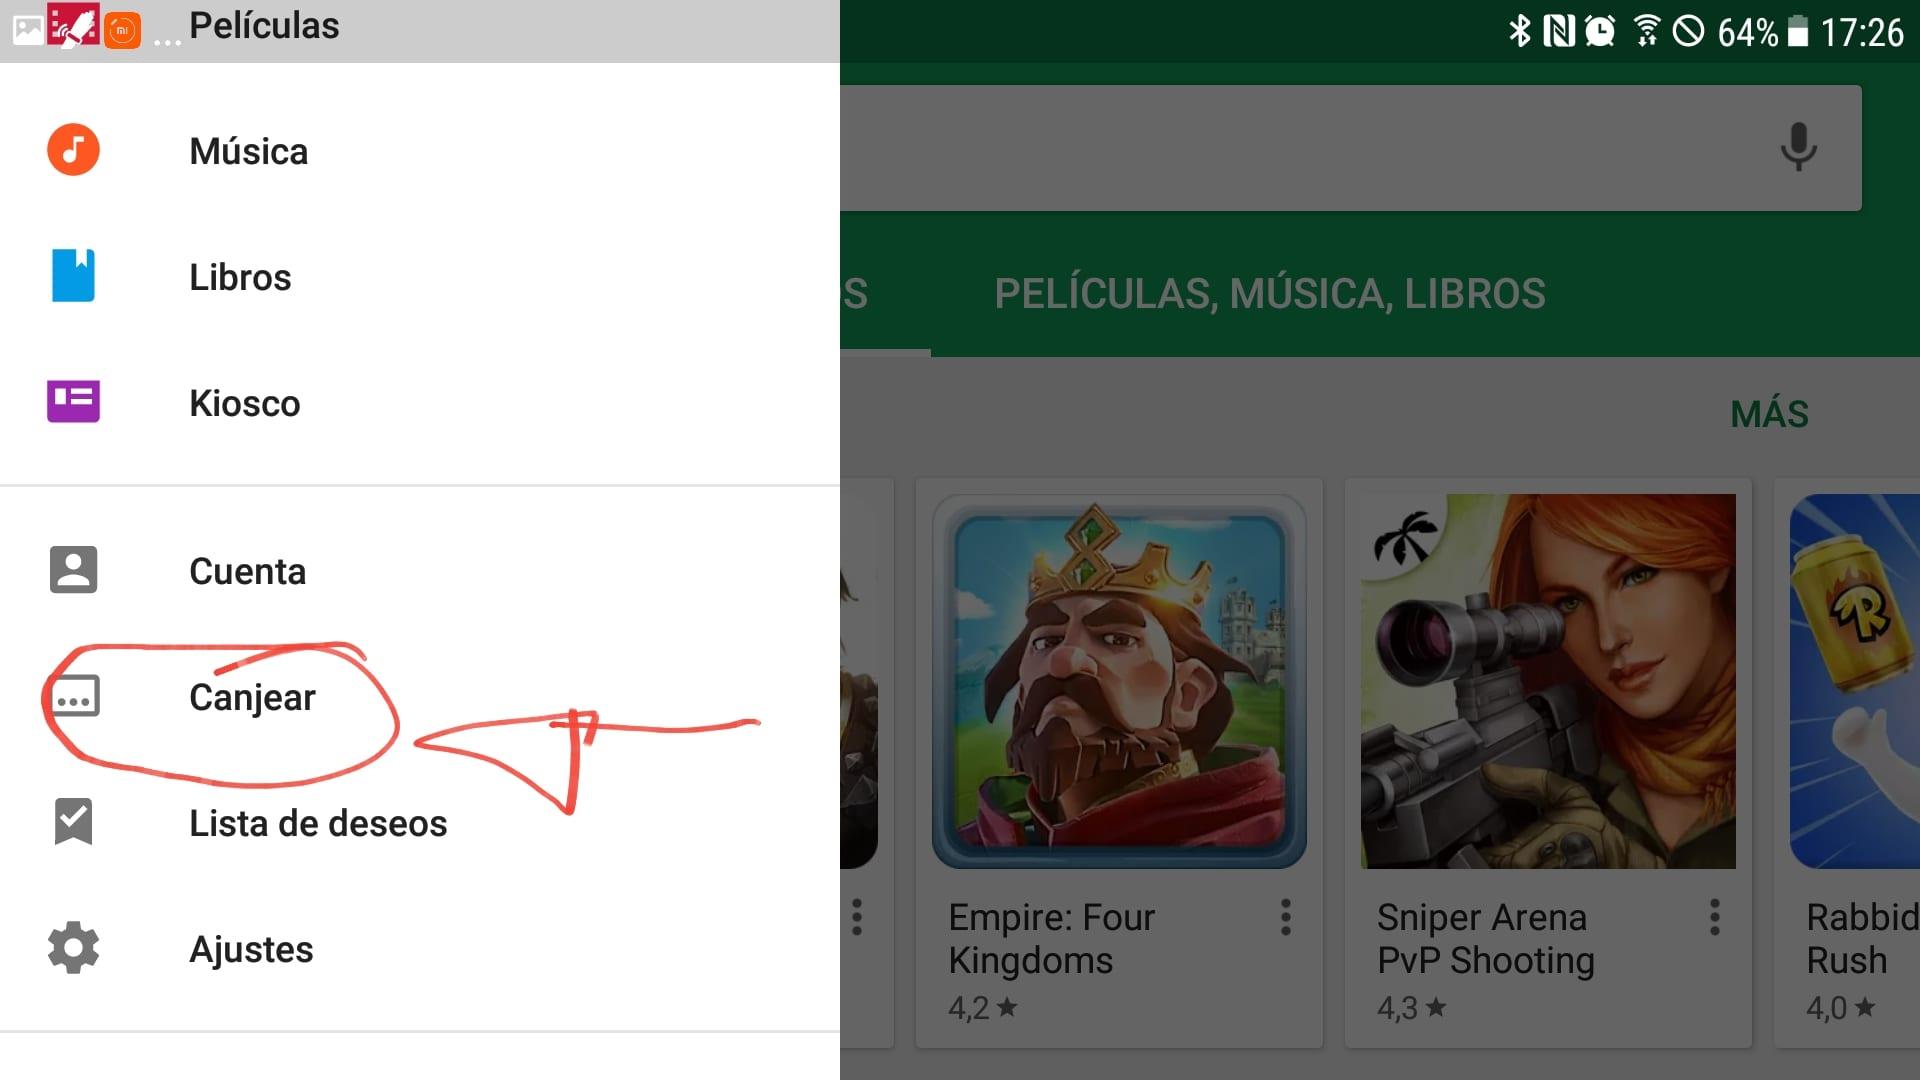 Tres formas distintas de comprar aplicaciones y juegos en el Play Store de Google